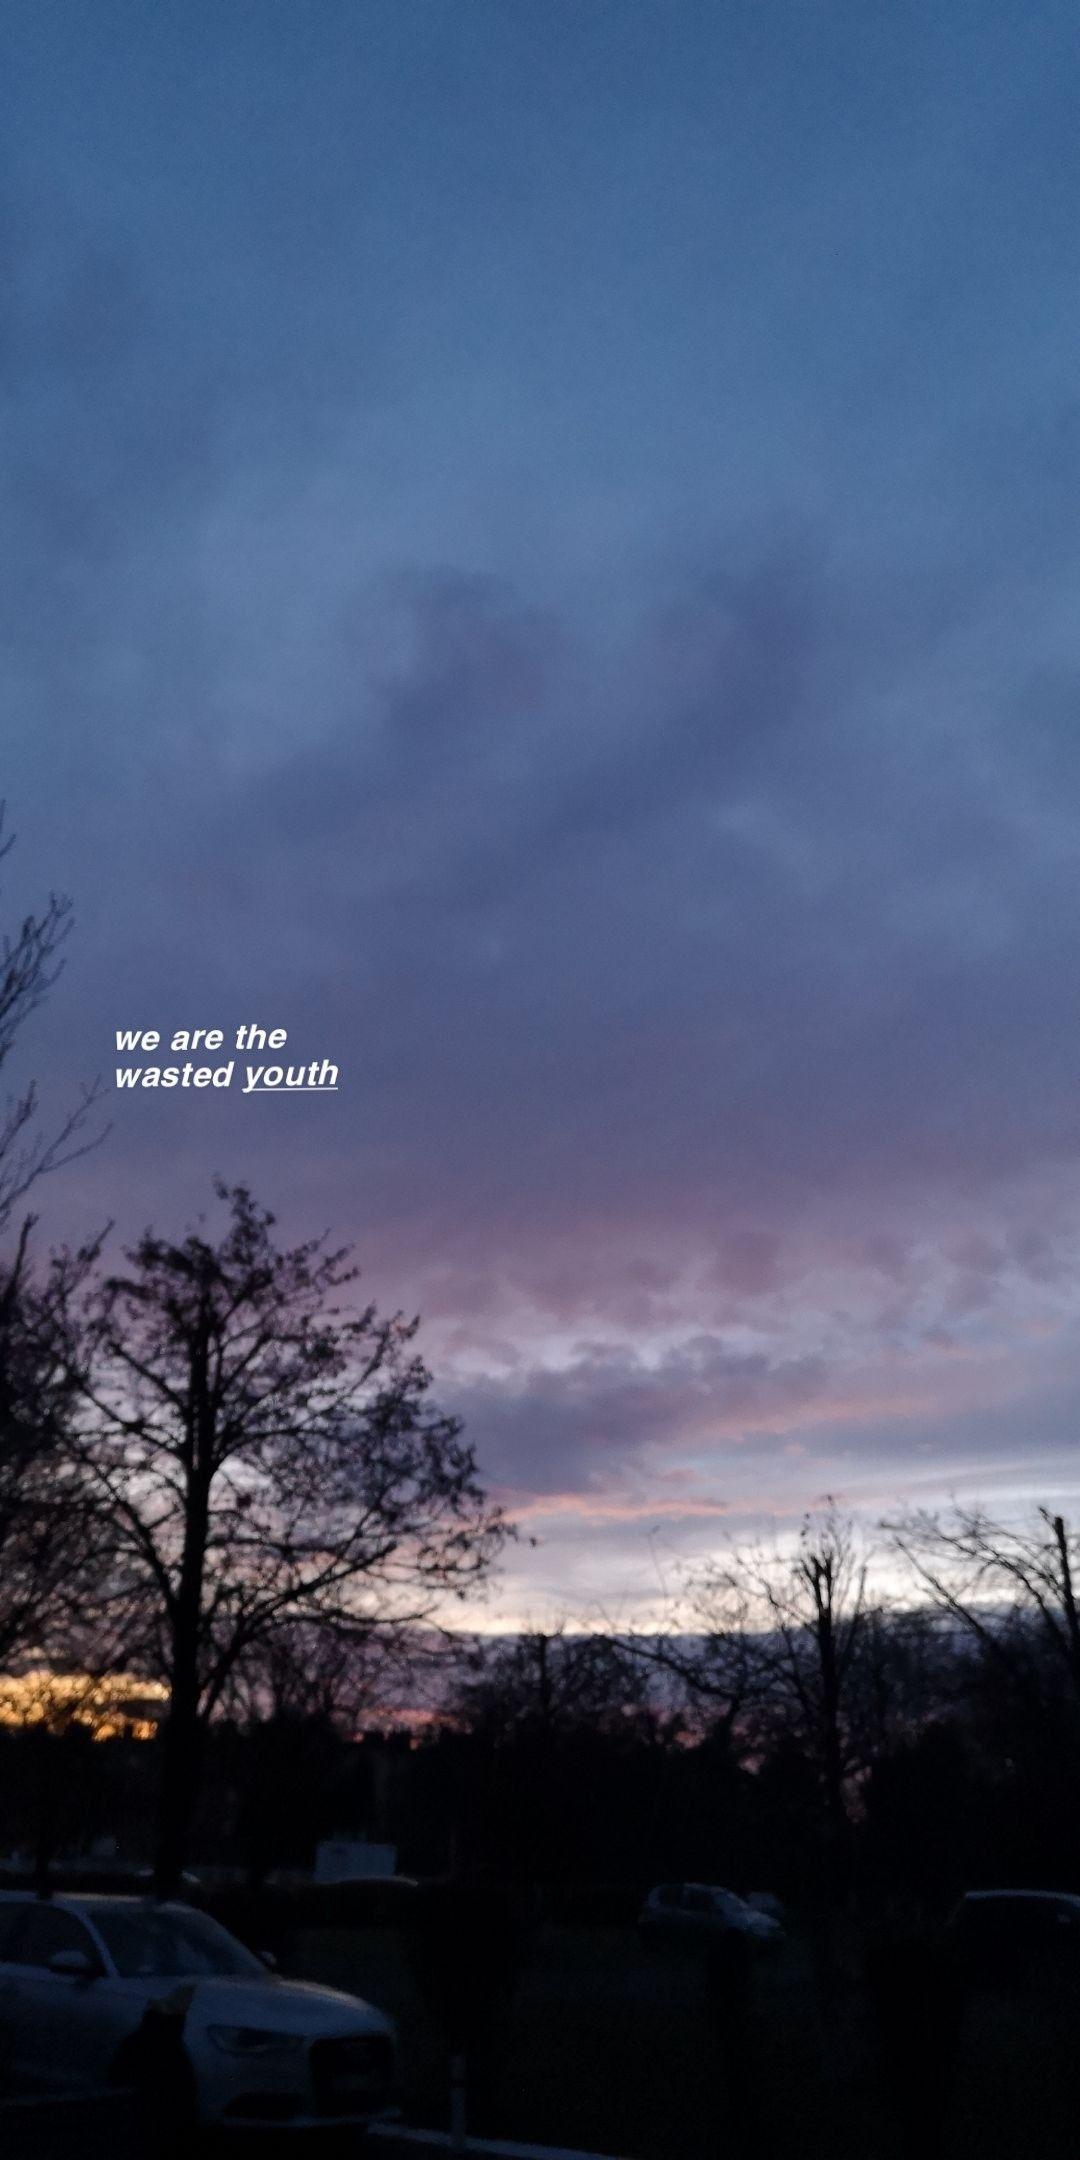 Wasted Youth Fletcher Sunset Wallpaper Sunset Lyrics Photo